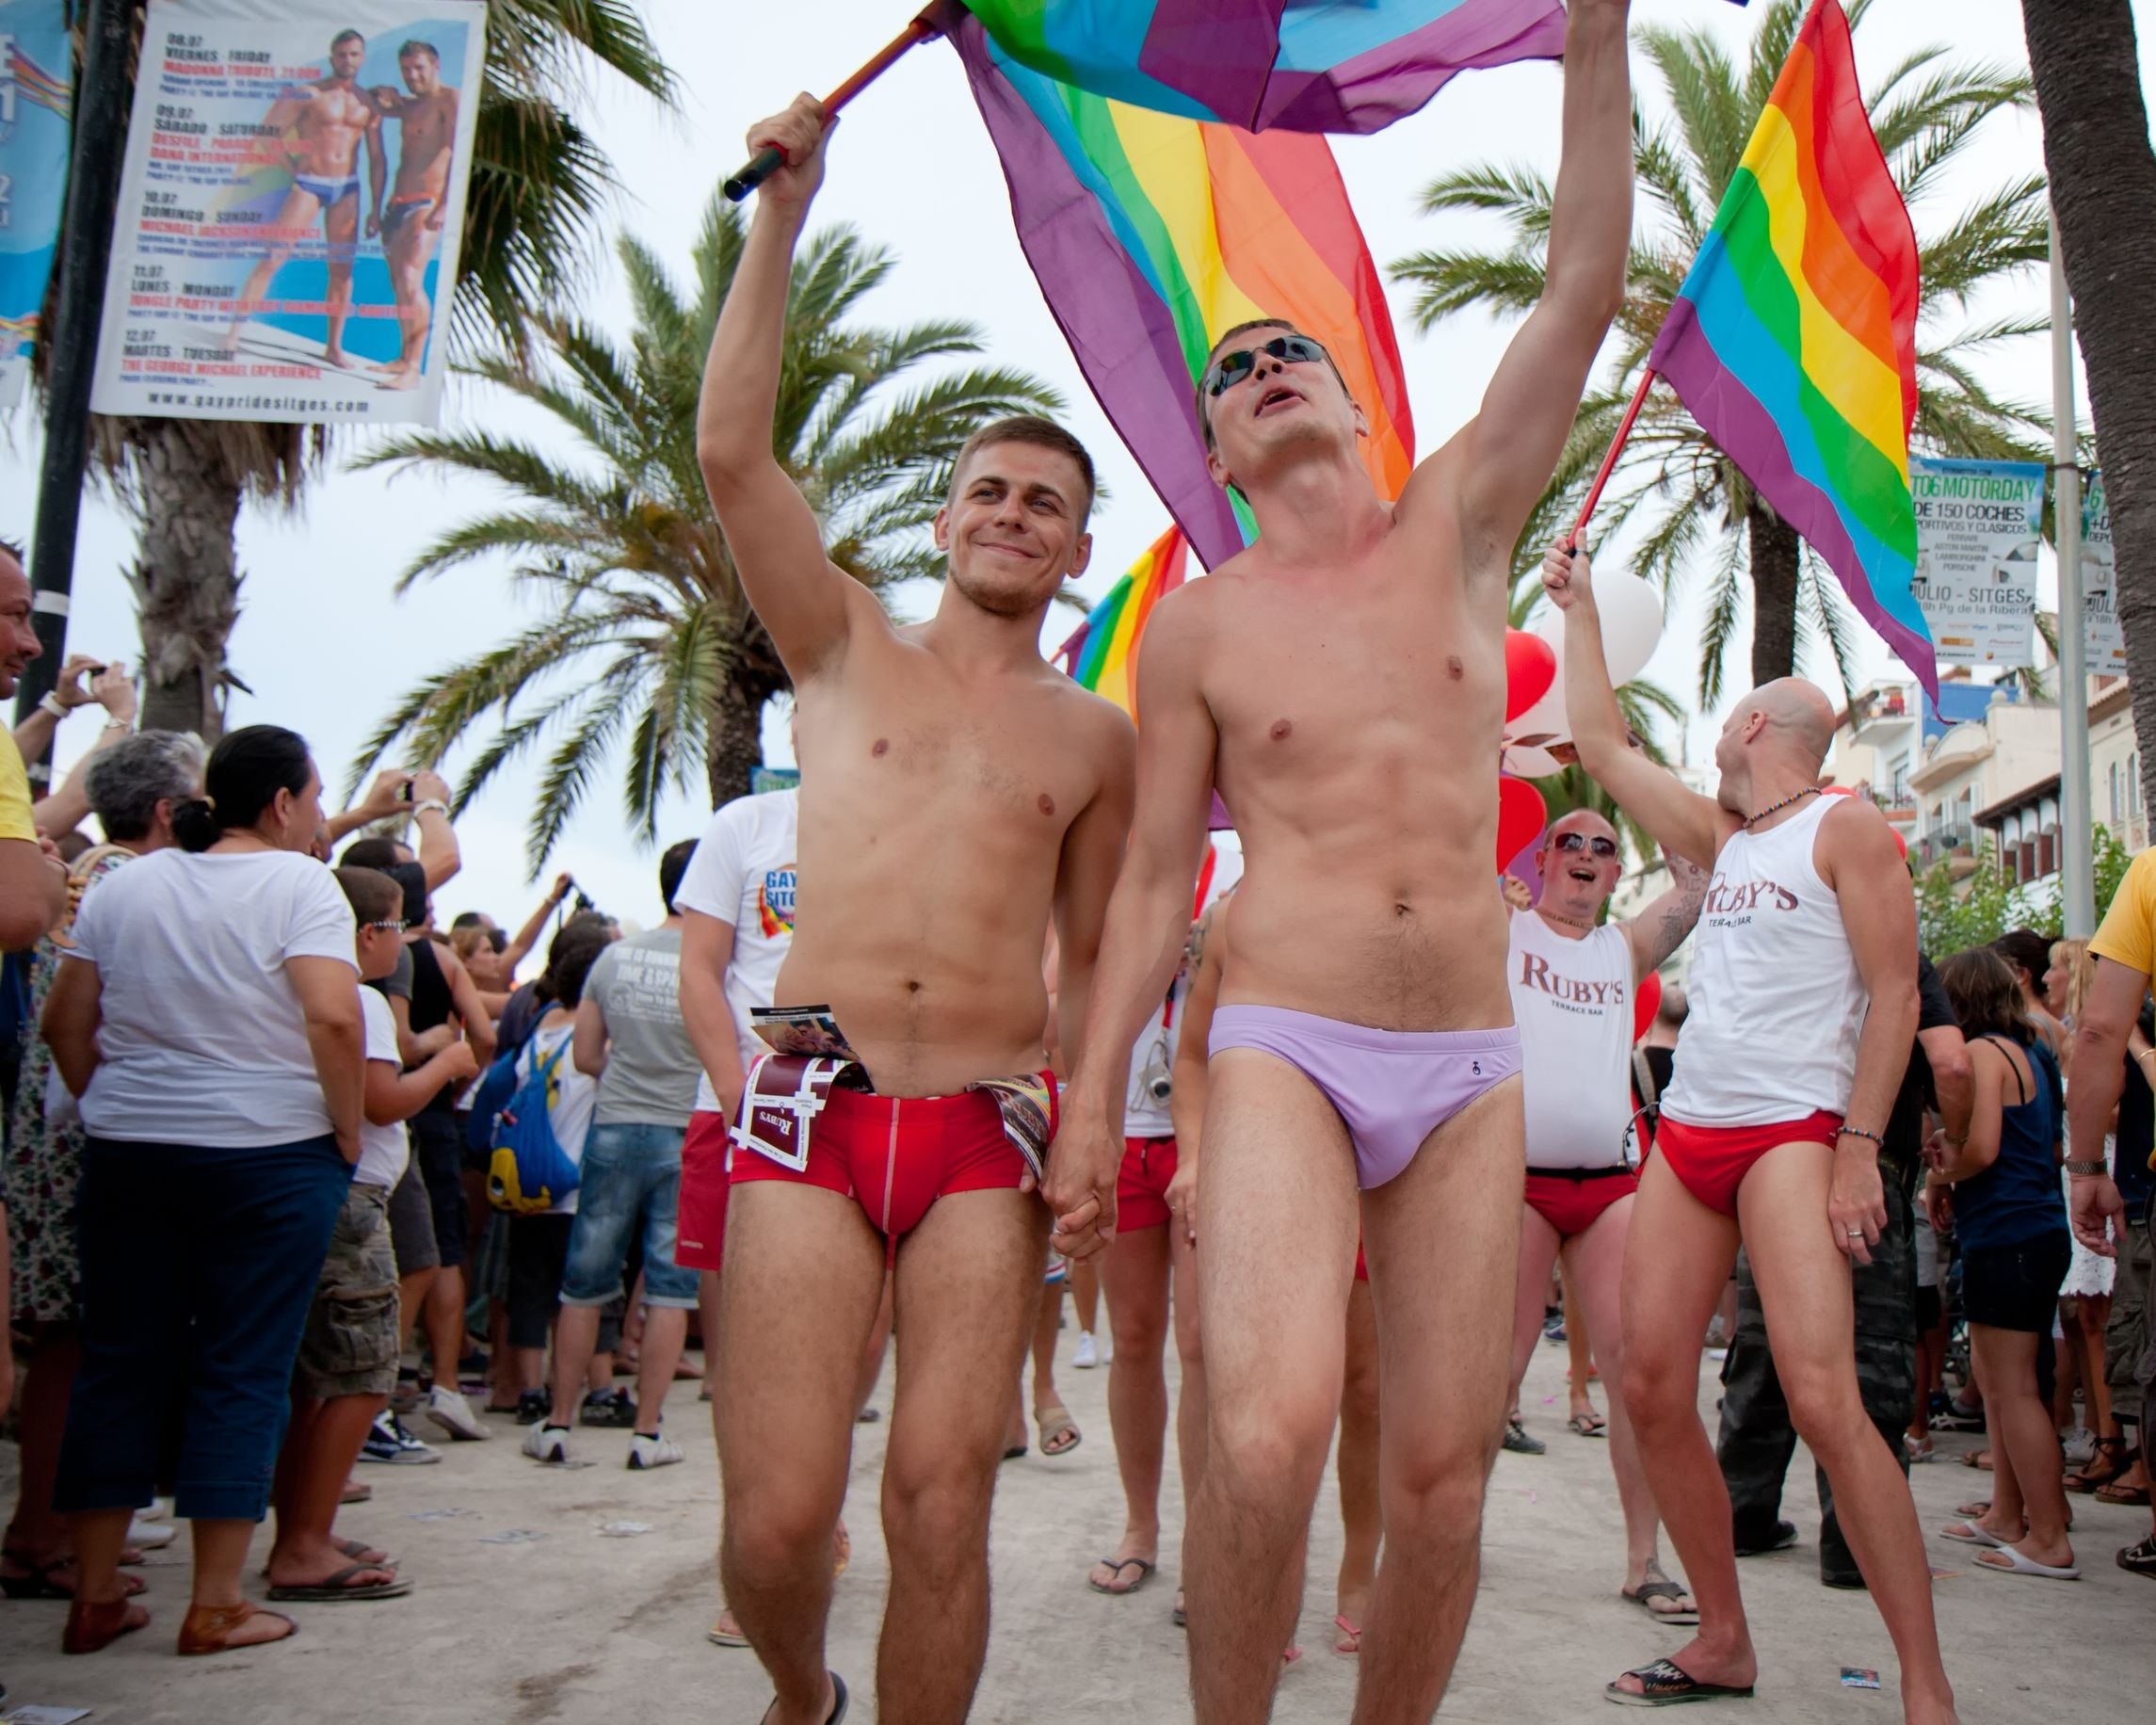 Kandidatkinja s liste Desne lige : Otkako su muškarci ženama dali pravo glasa svijet je otišao kvragu Pride-of-the-lesbian-gay-bisexual-and-transgender-community-at-the-Sitges-Festival